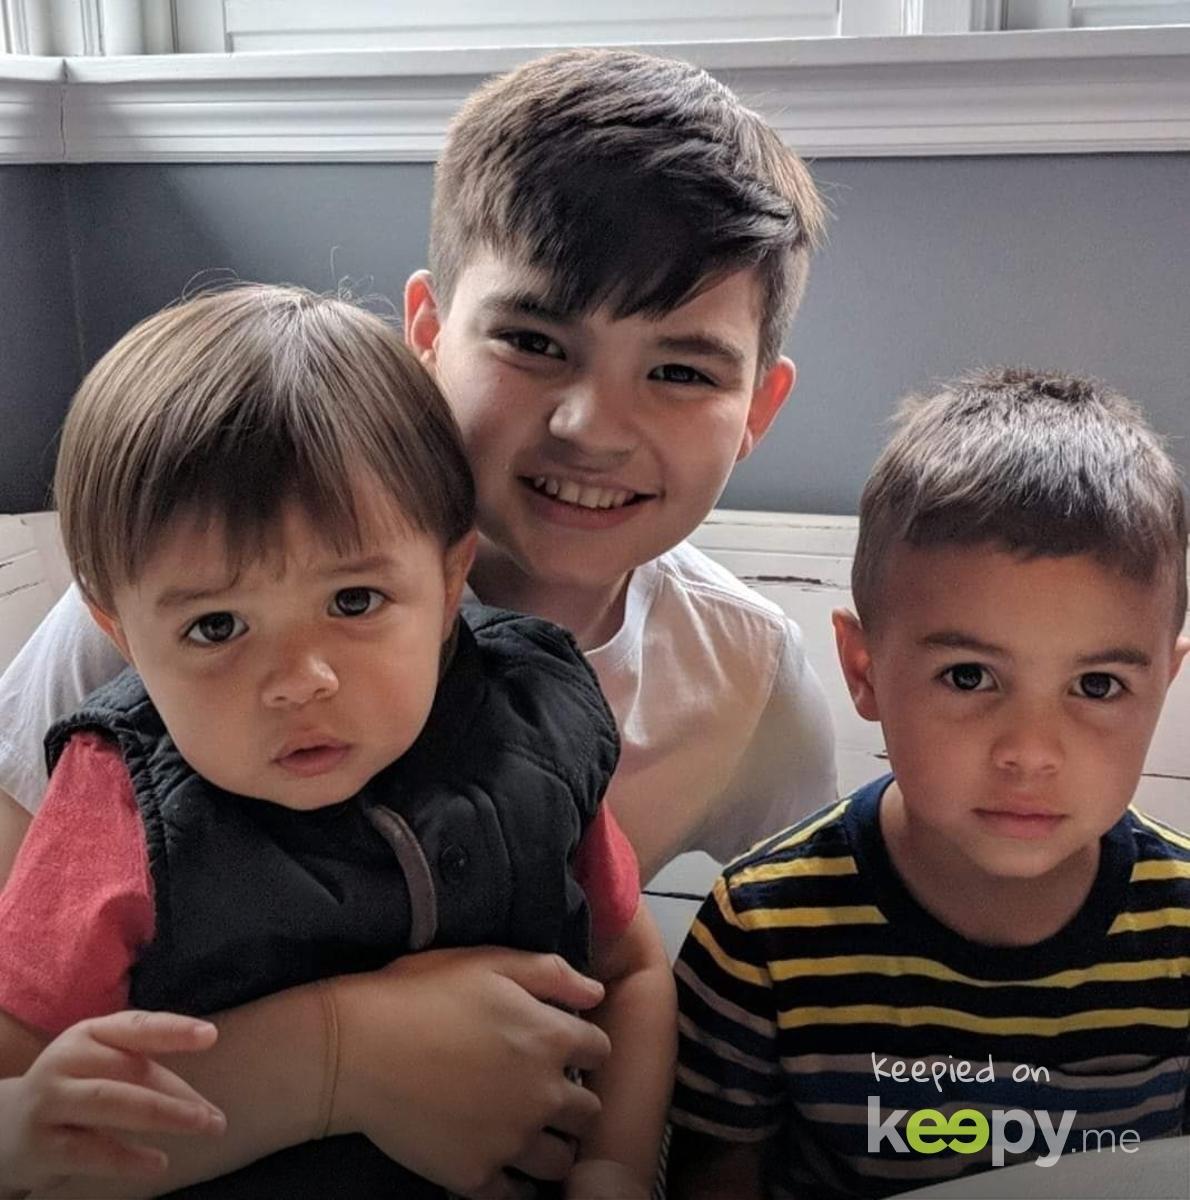 nephews » Keepy.me